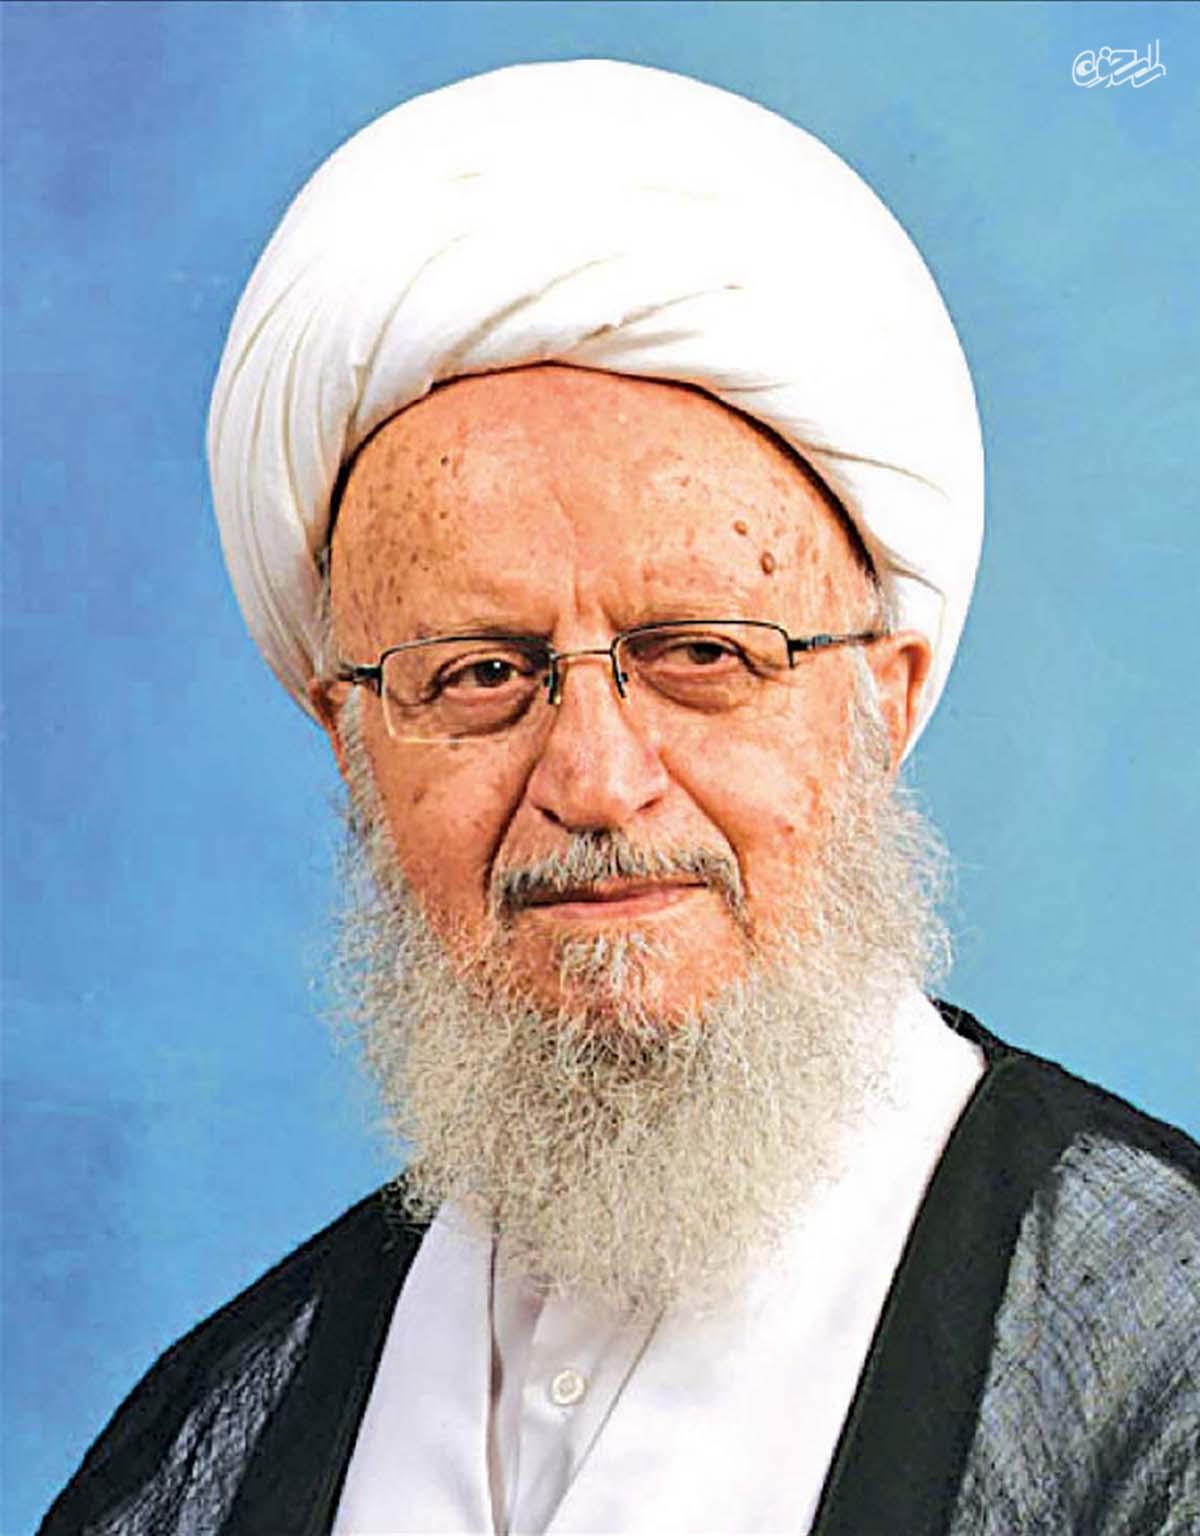 پاسخ آنلاین به سوالات شرعی توسط دفتر آیتالله العظمی مکارم شیرازی